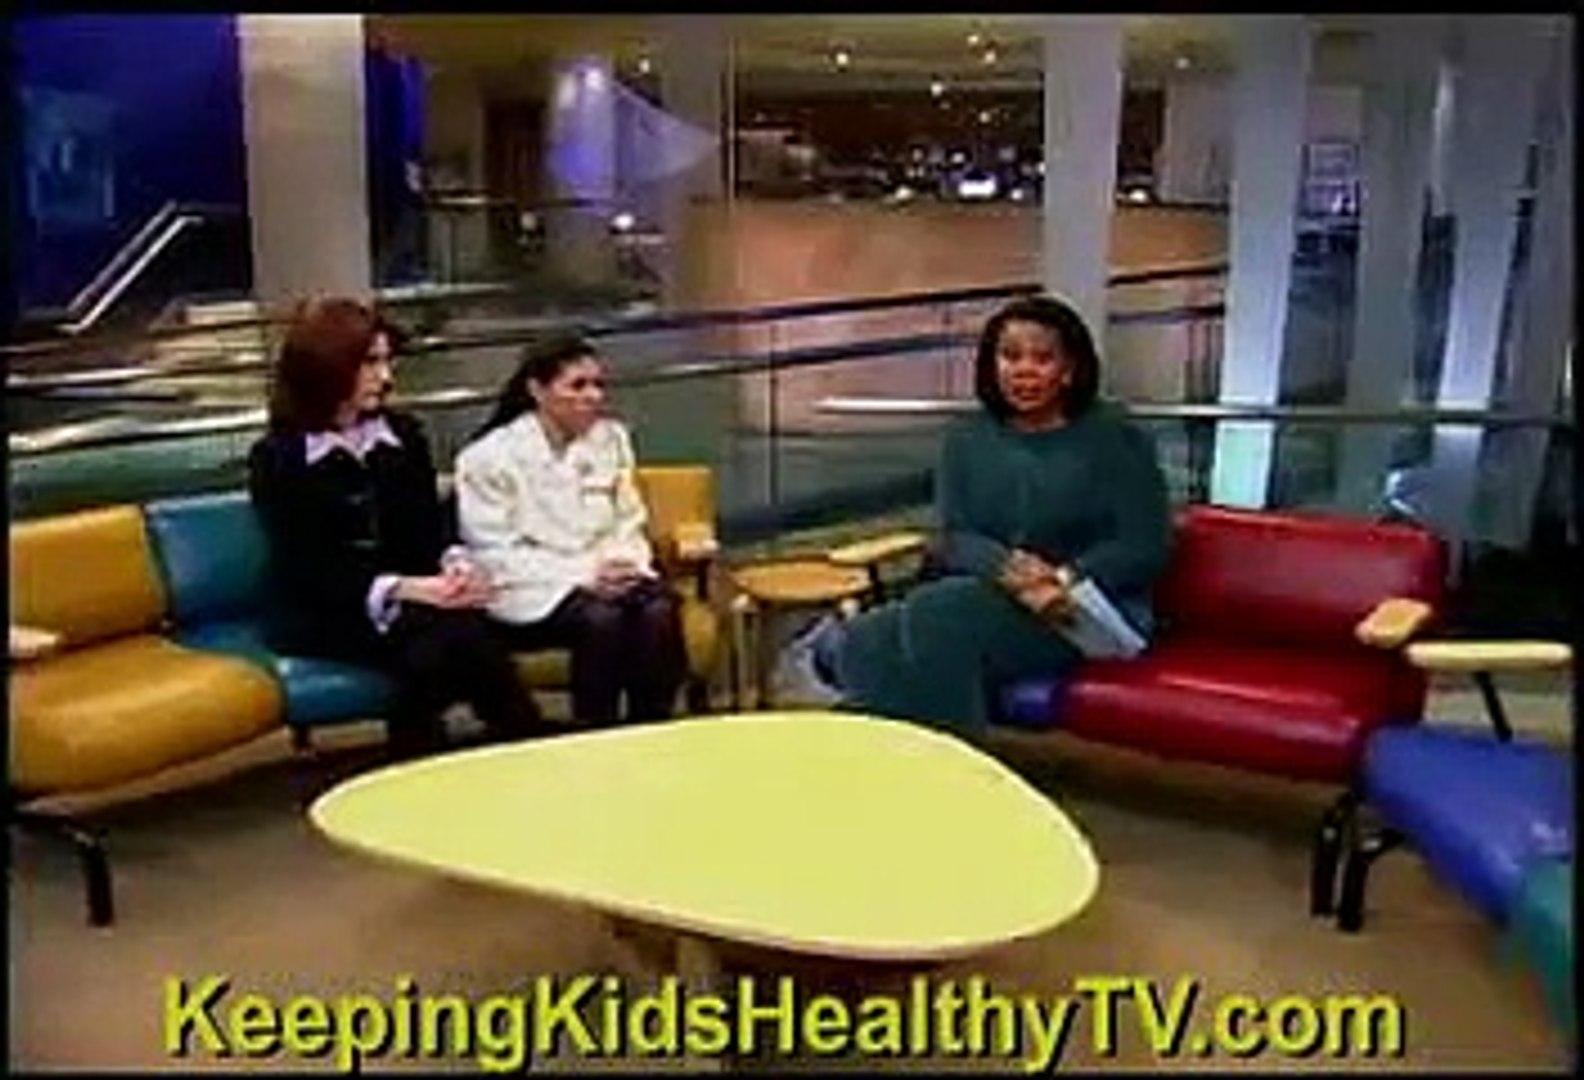 Keeping Kids Healthy TV